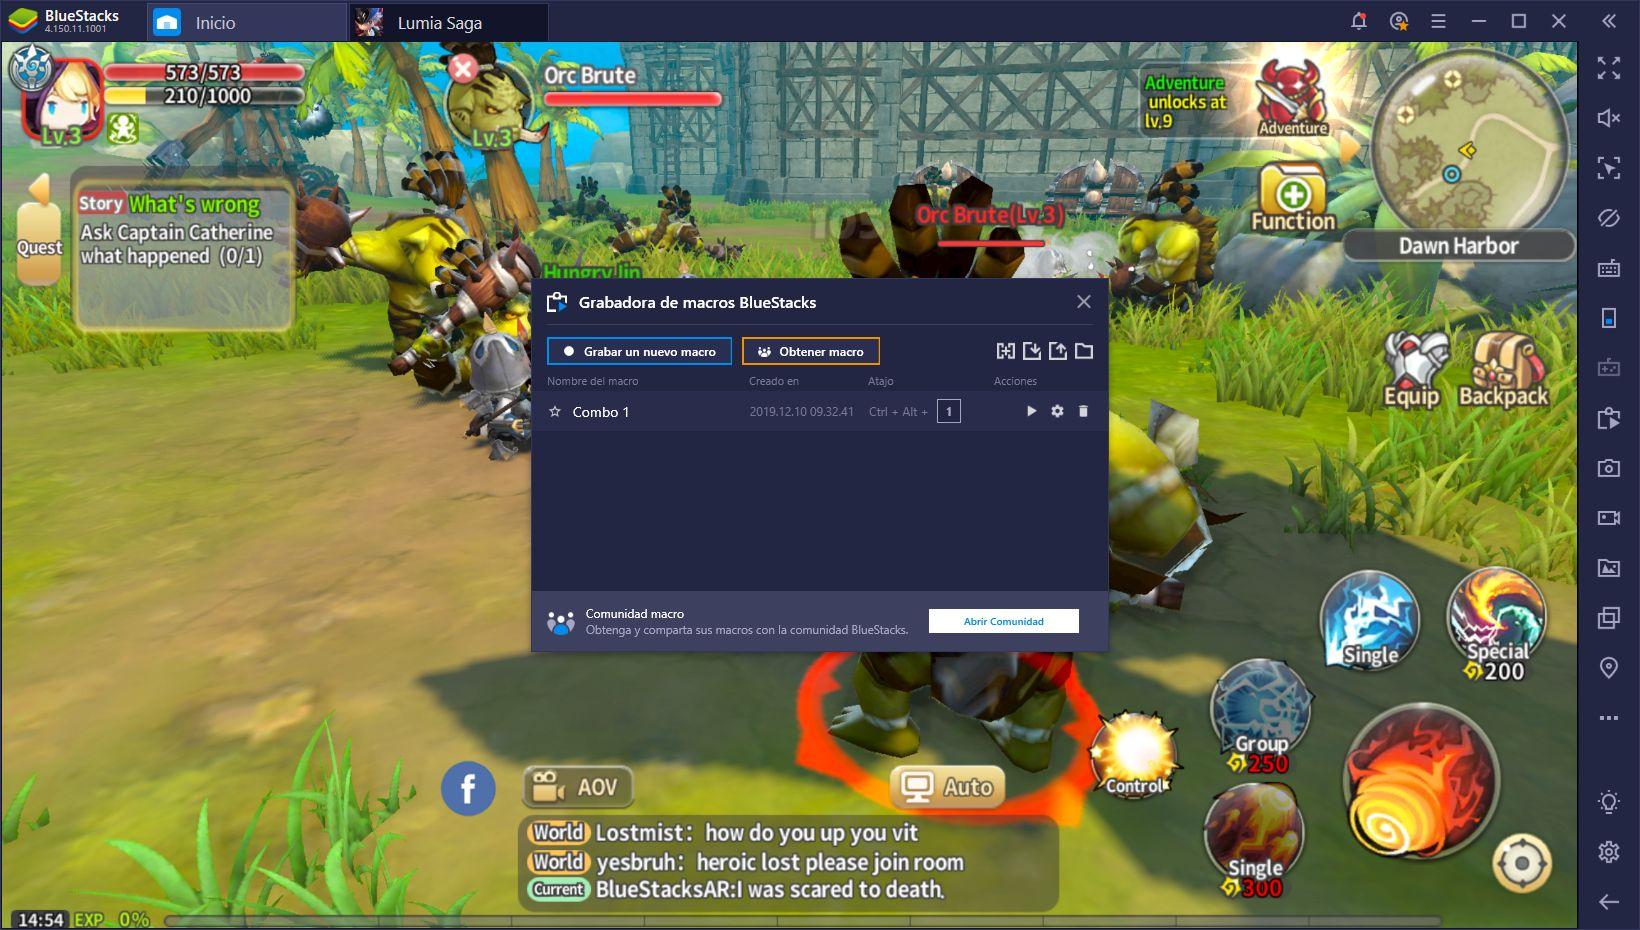 Lumia Saga en BlueStacks - Disfruta de Este MMO en tu PC